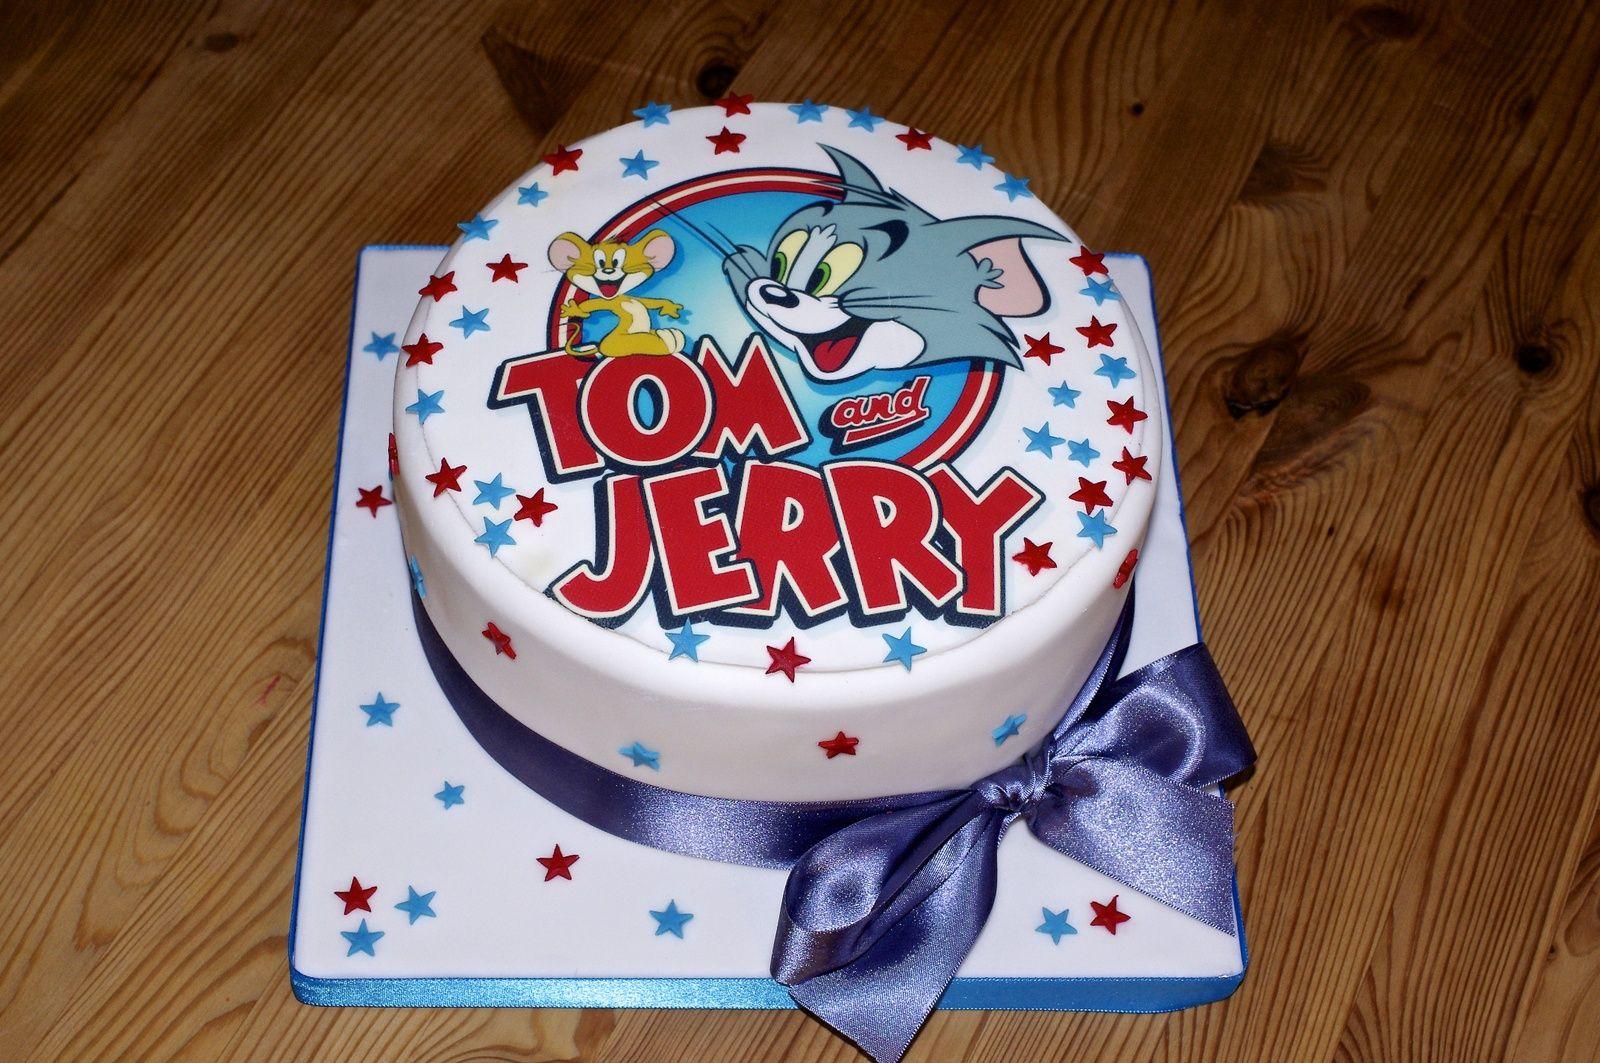 Tom And Jerry Sweetcheeks Bakehouse cakepinscom Kids